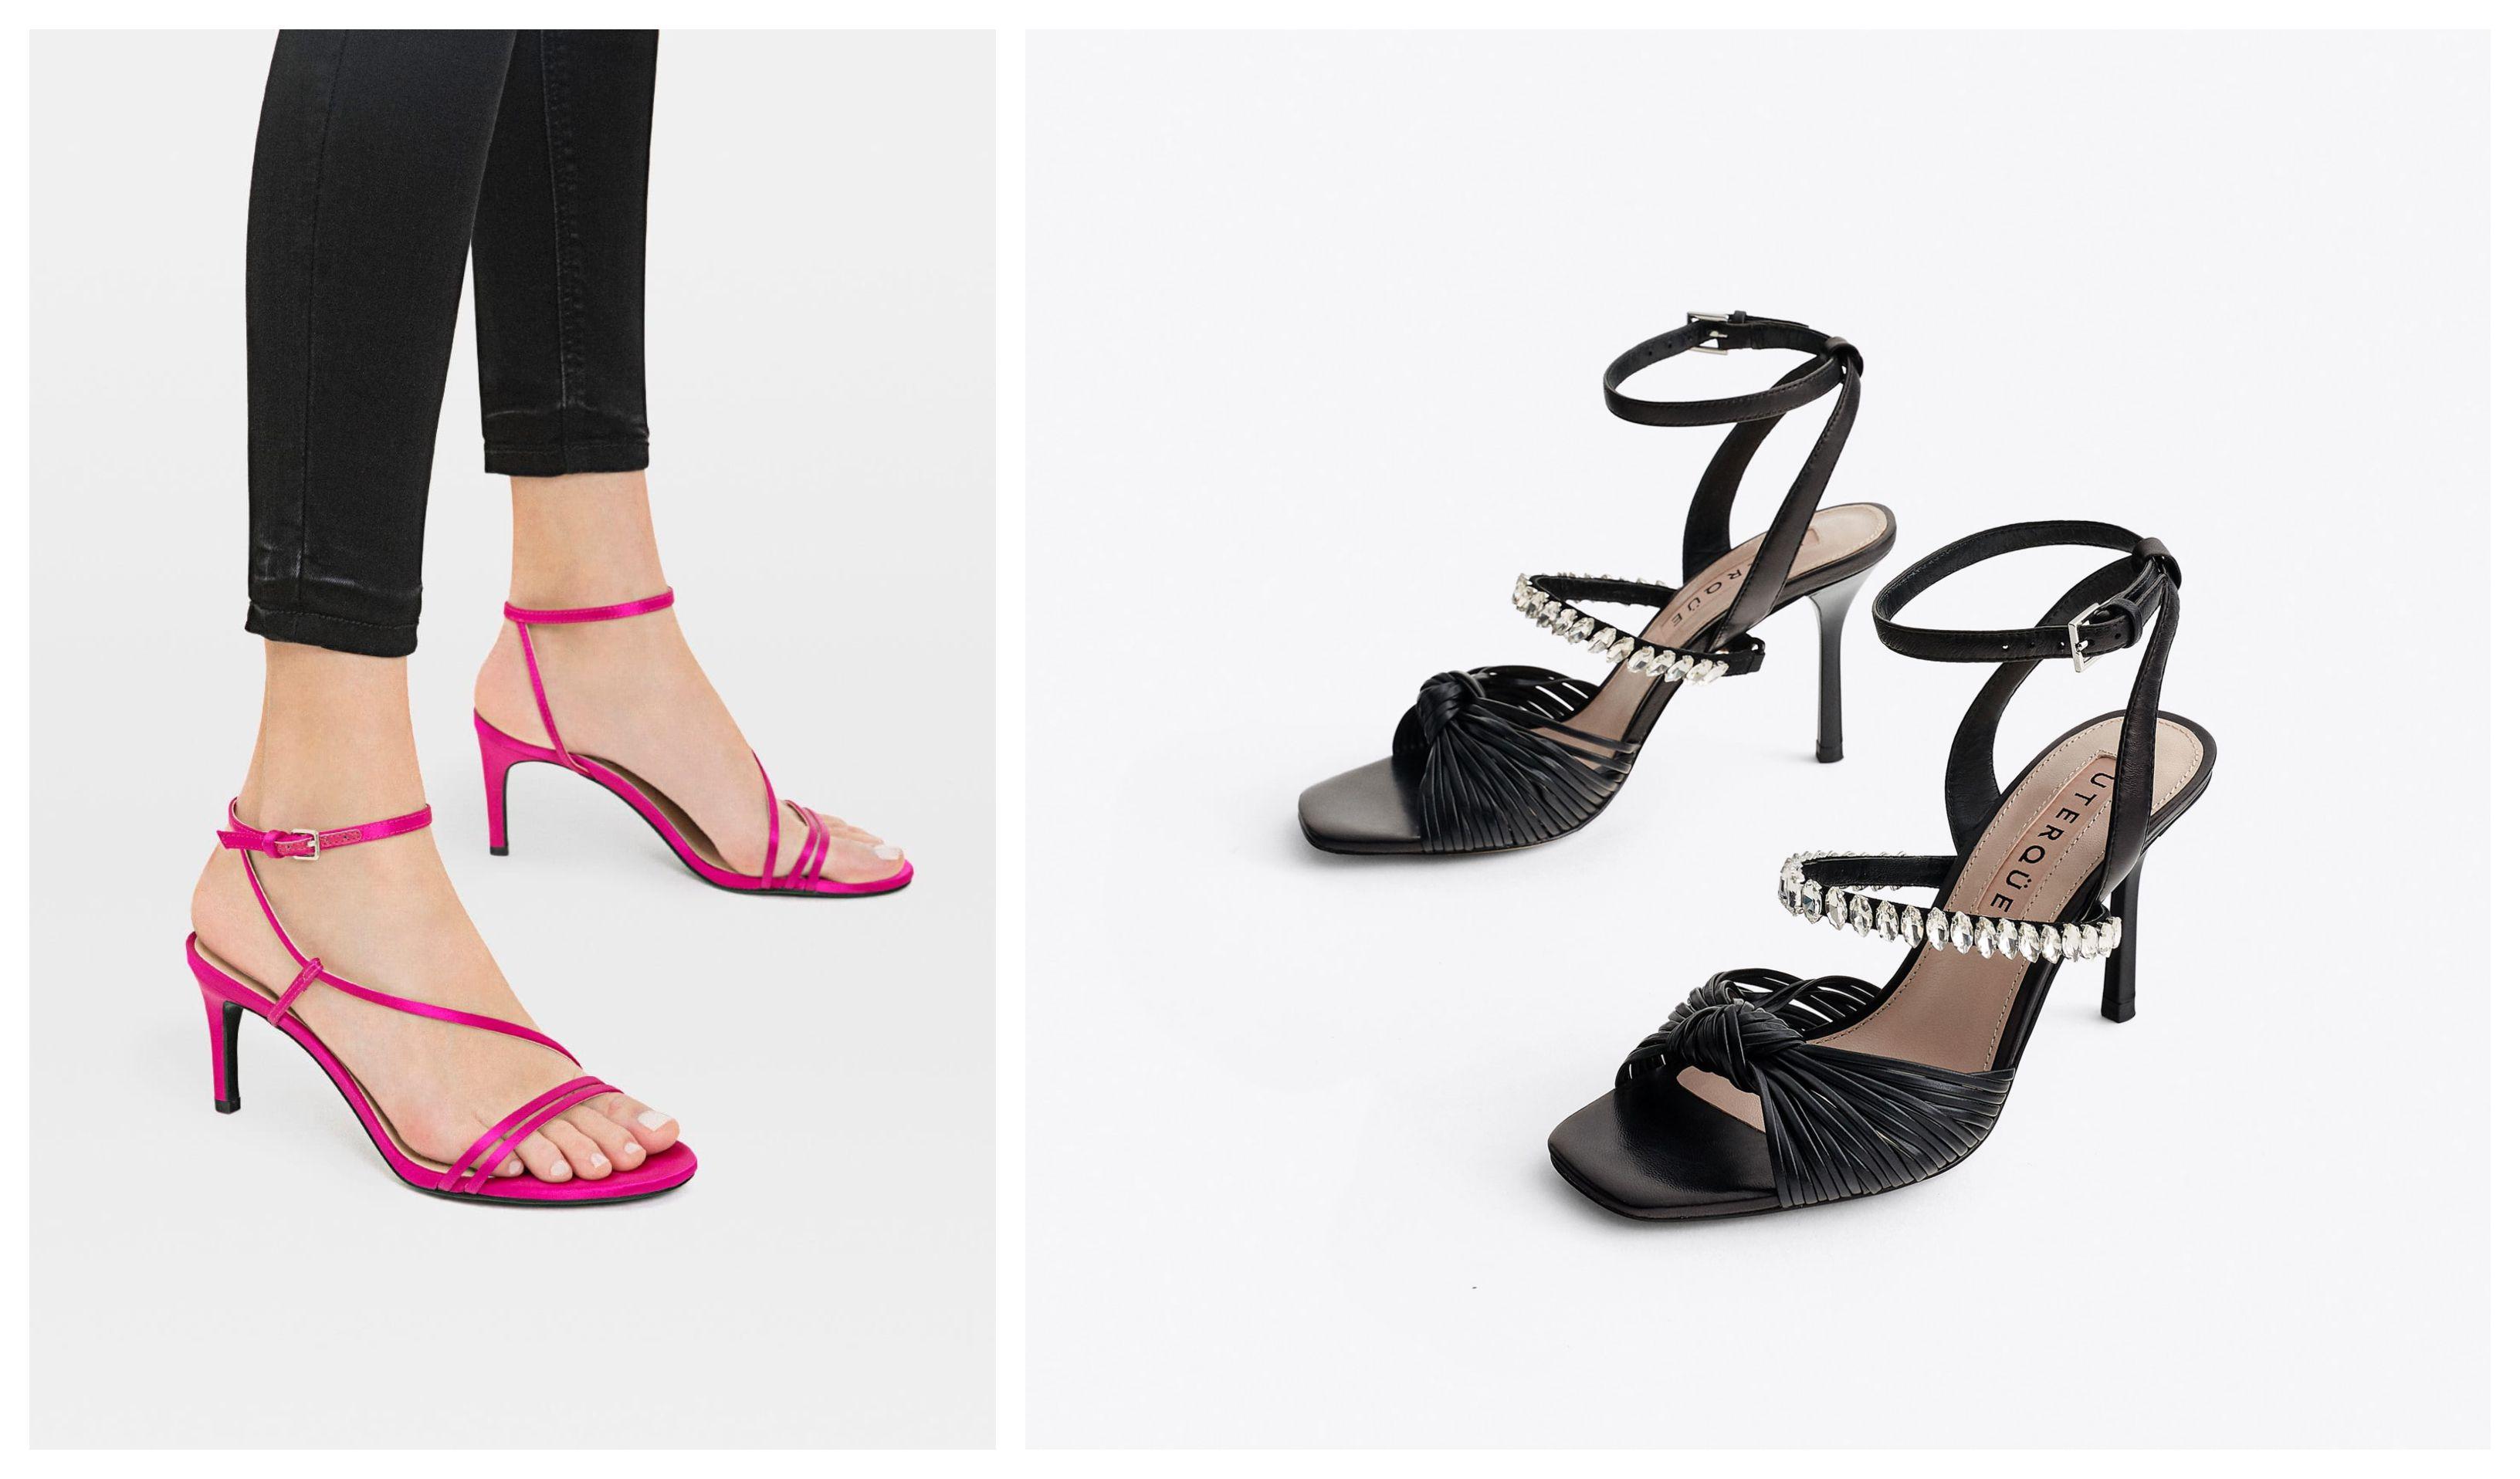 Pronašli smo najljepše sandale s potpeticom! Naravno, sve su na sniženju